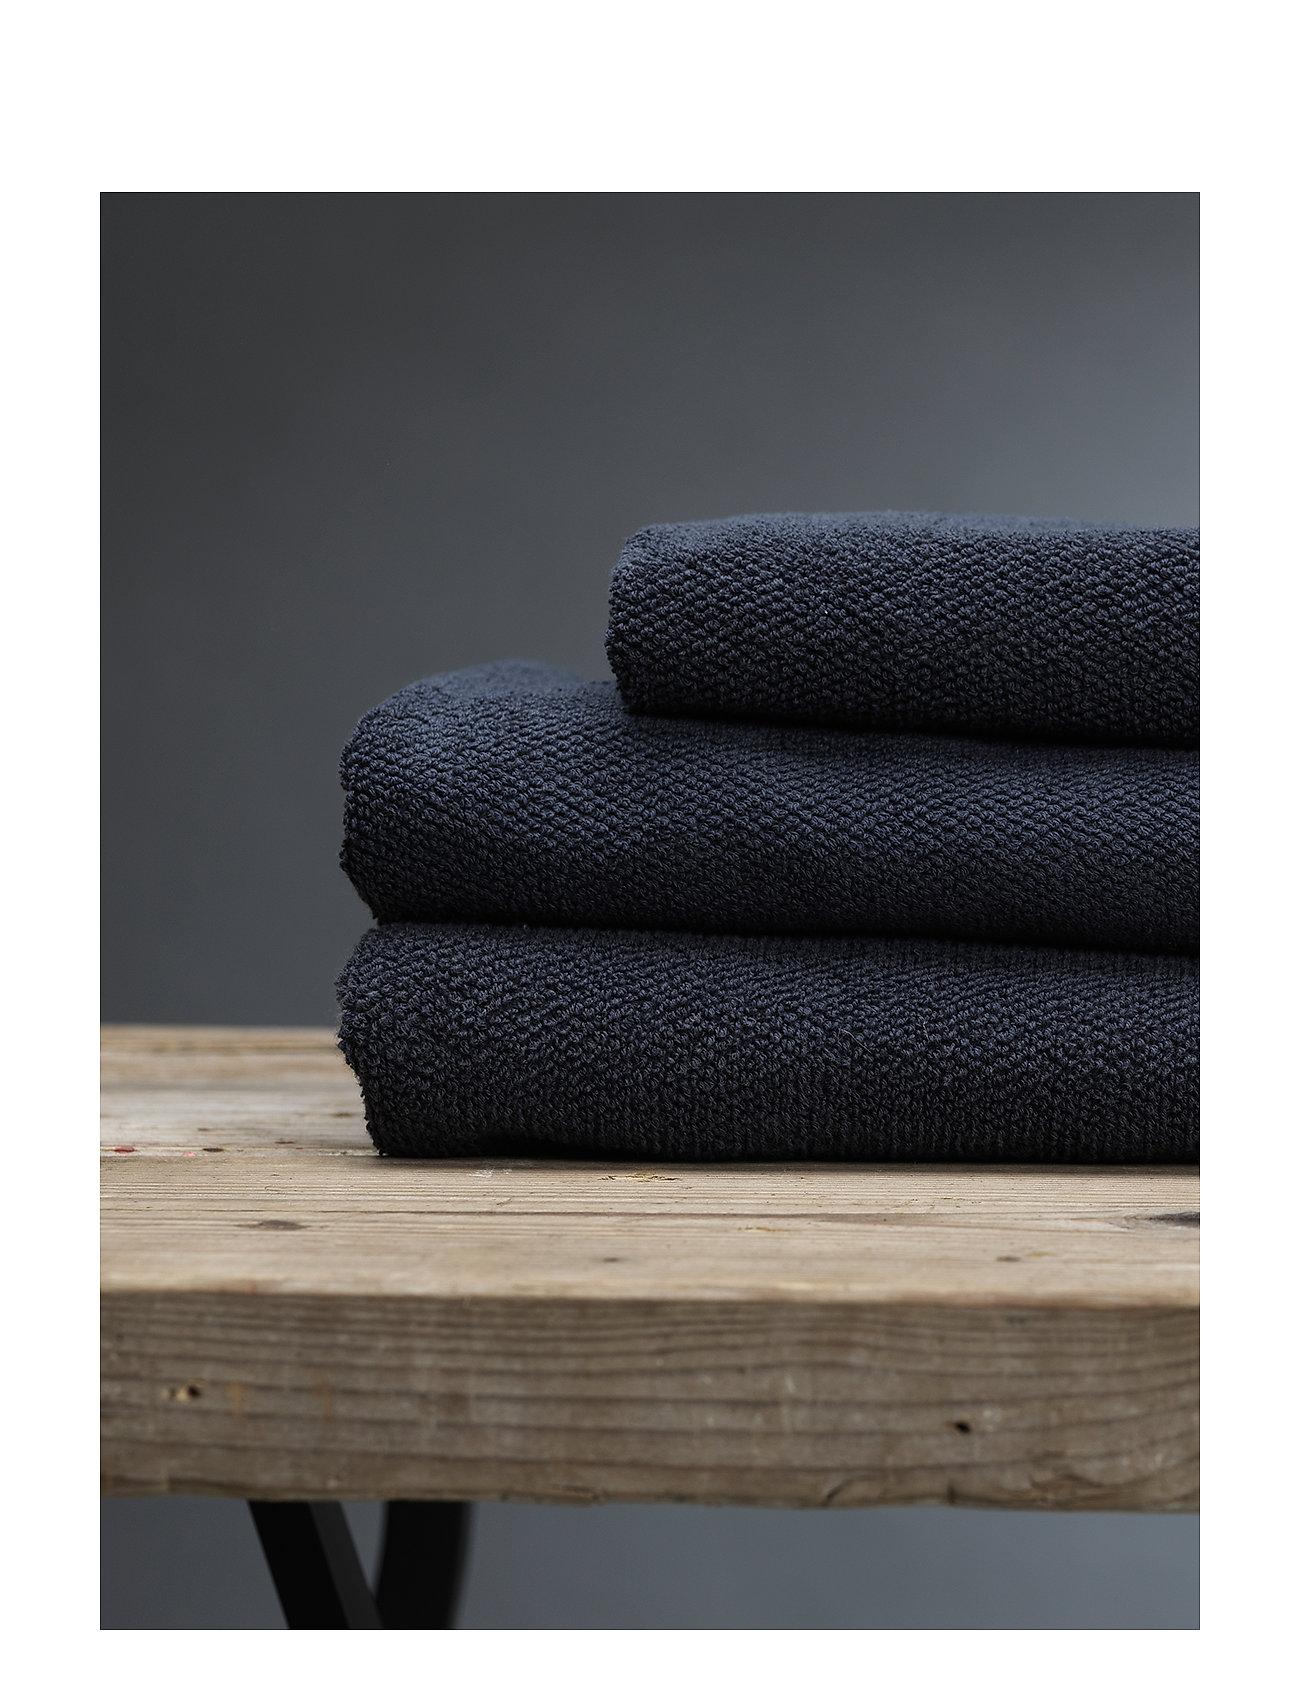 Gripsholm - TOWEL COTTON LINEN - towels - ombre blue - 0